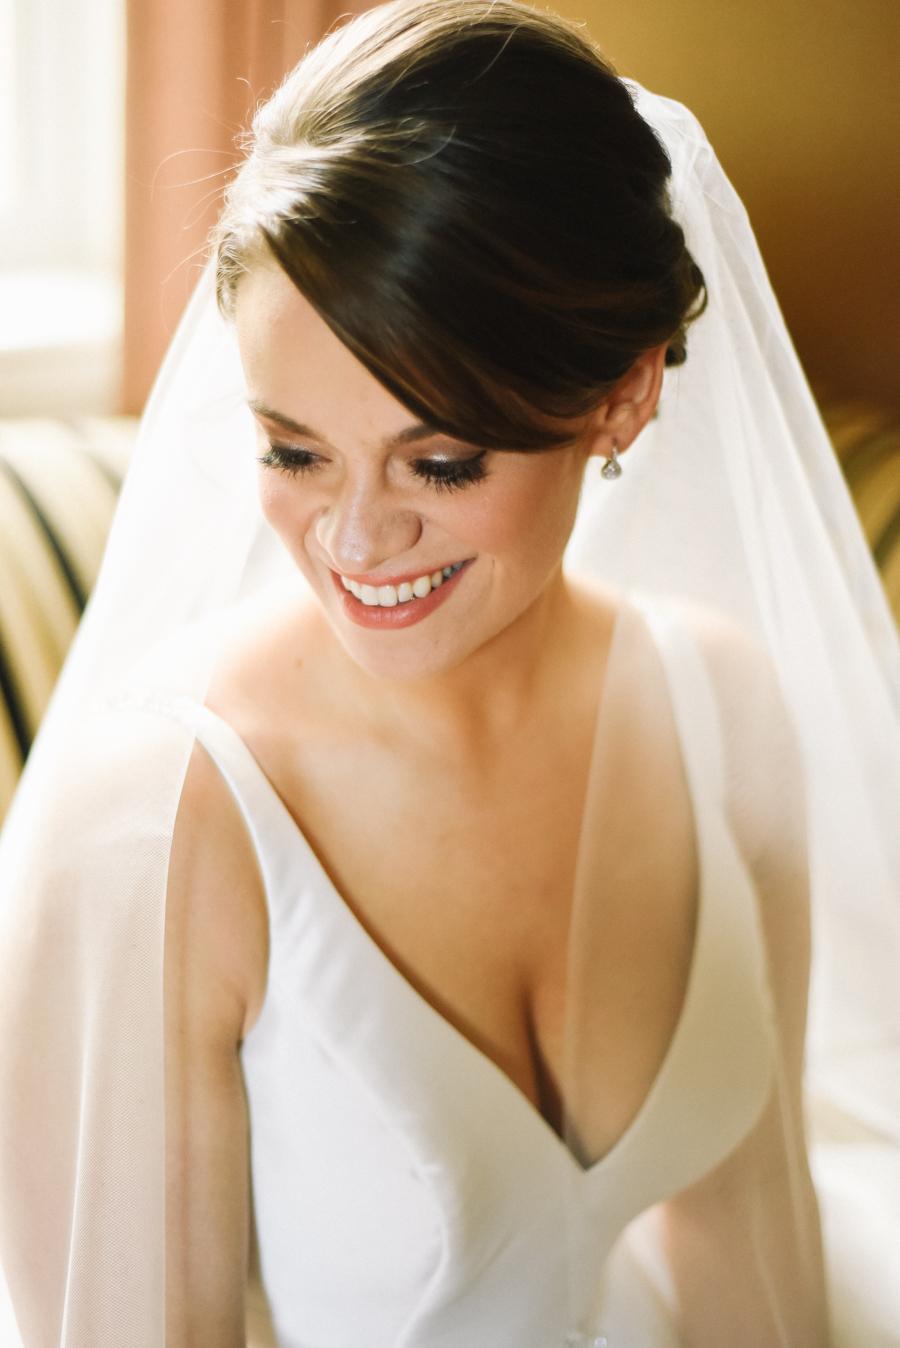 Dearborn_Inn_Wedding_Photos-15.jpg